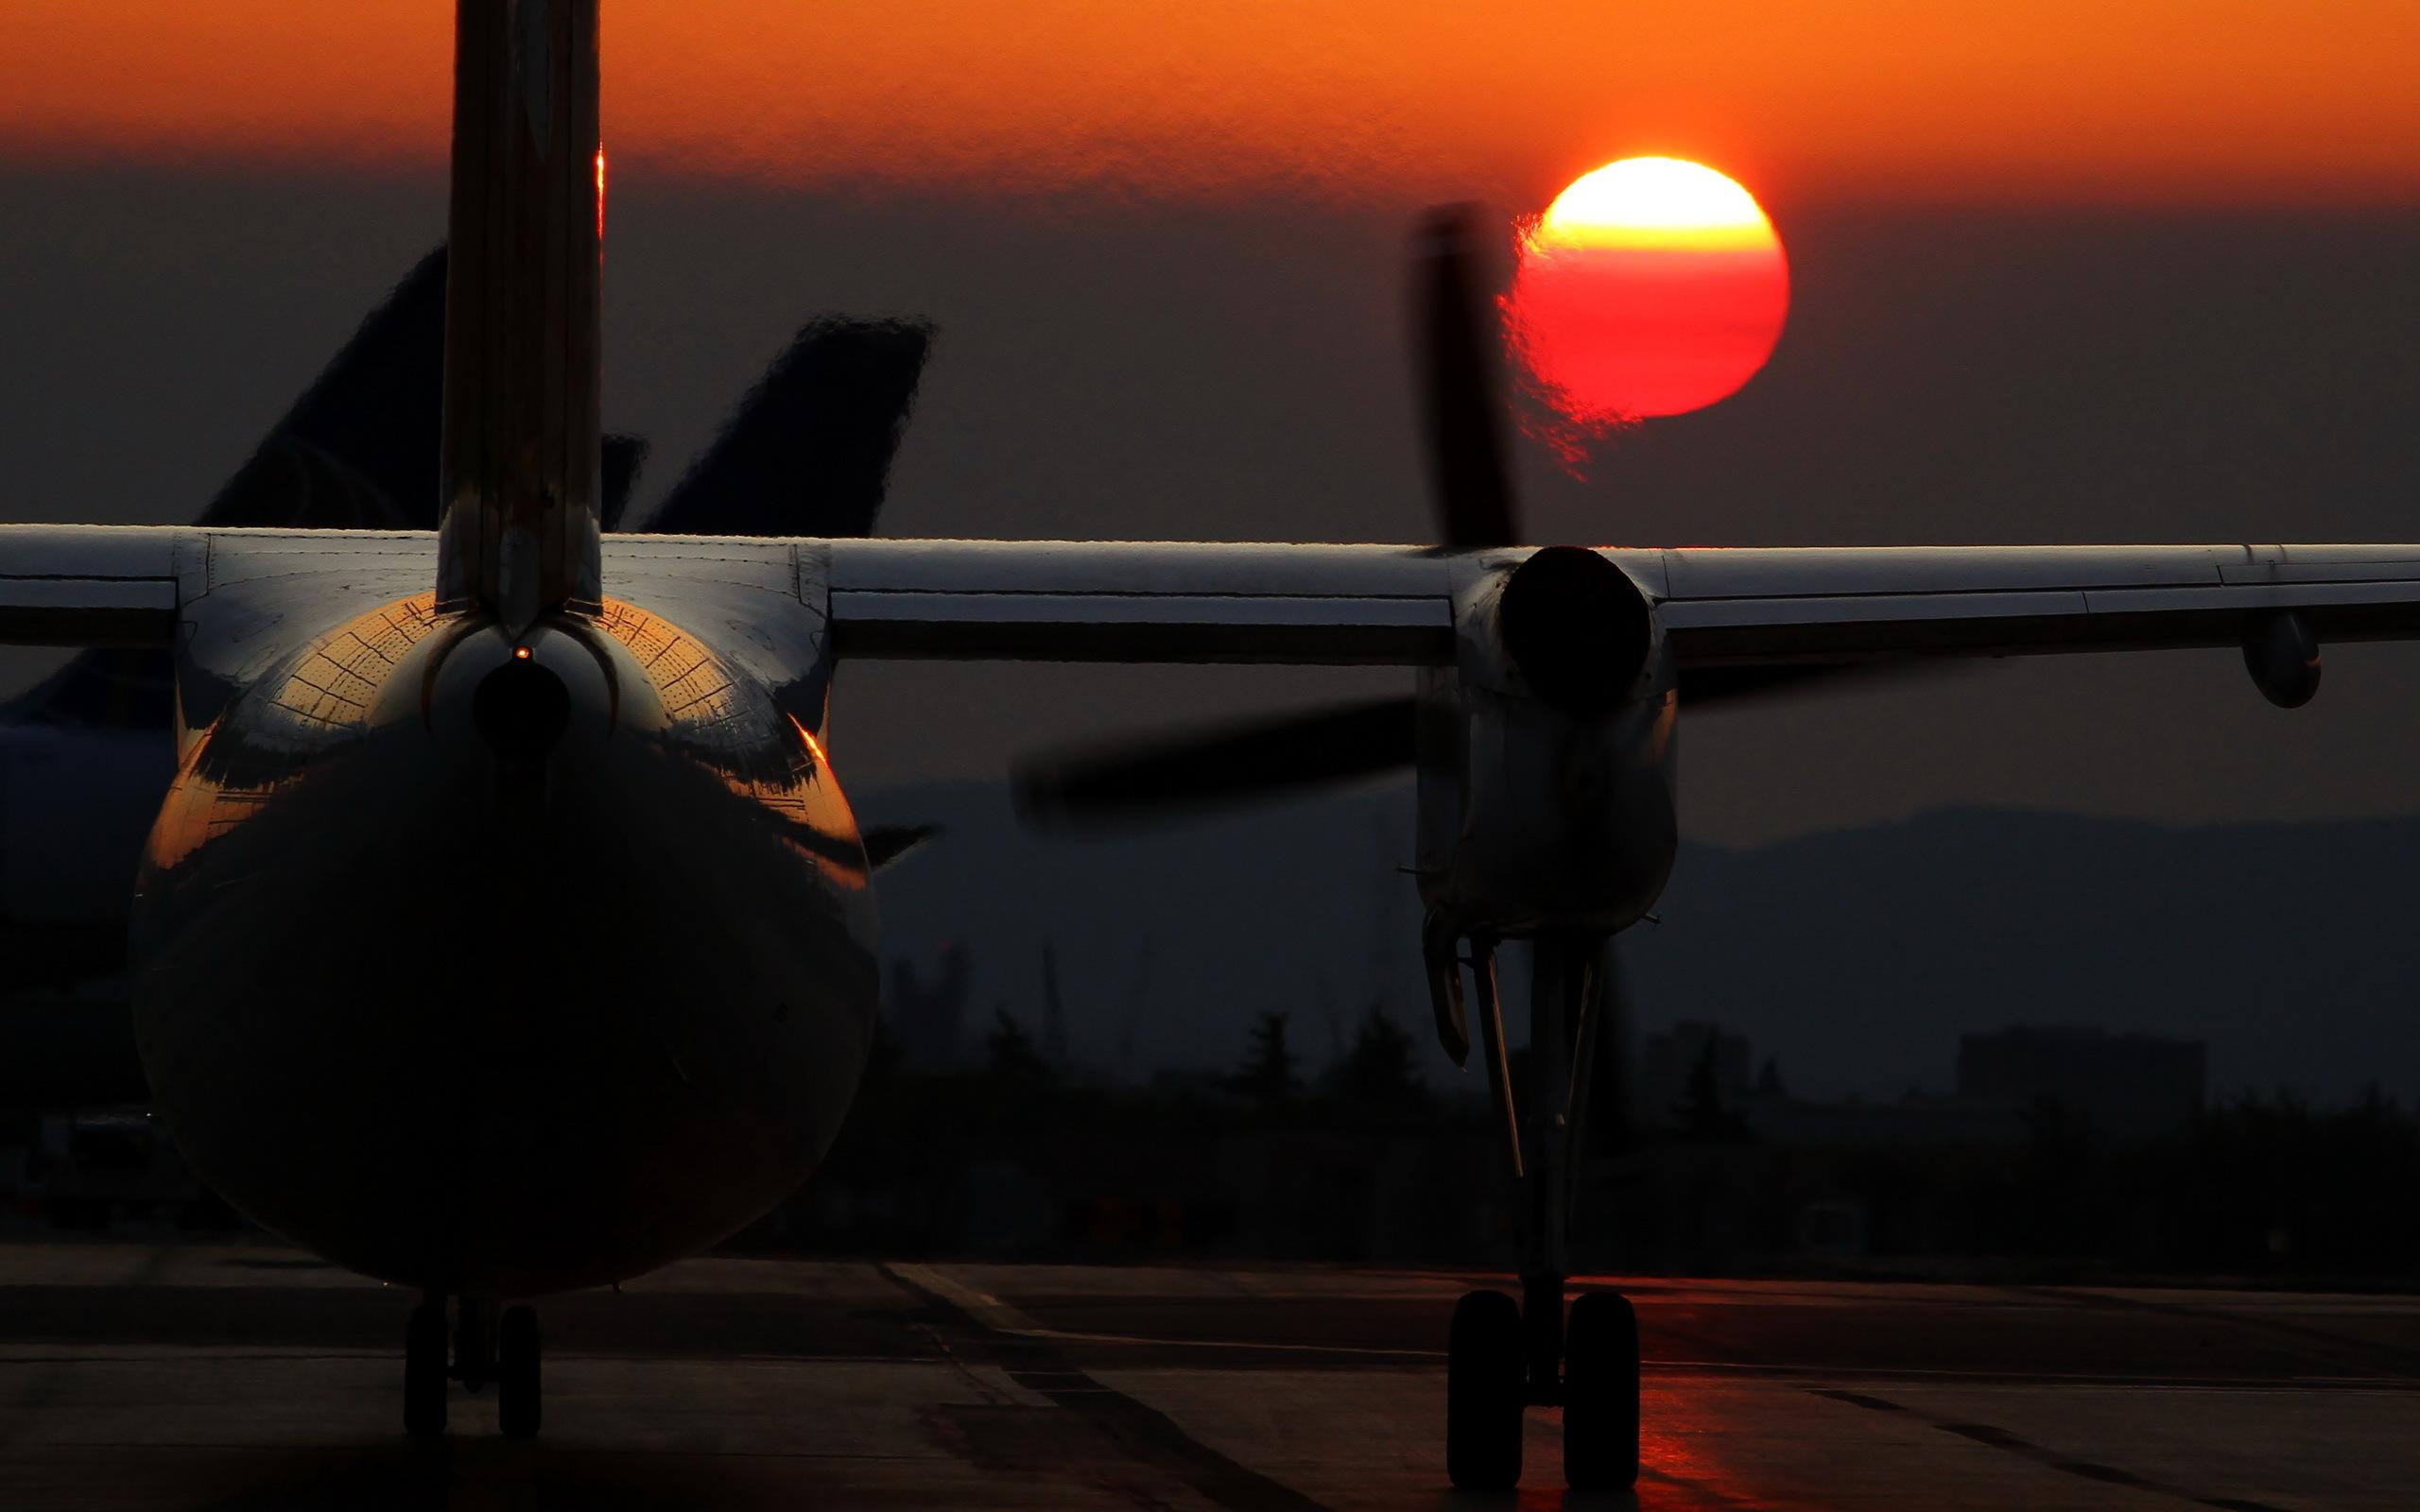 должна лучшие фото самолетов сзади толстые